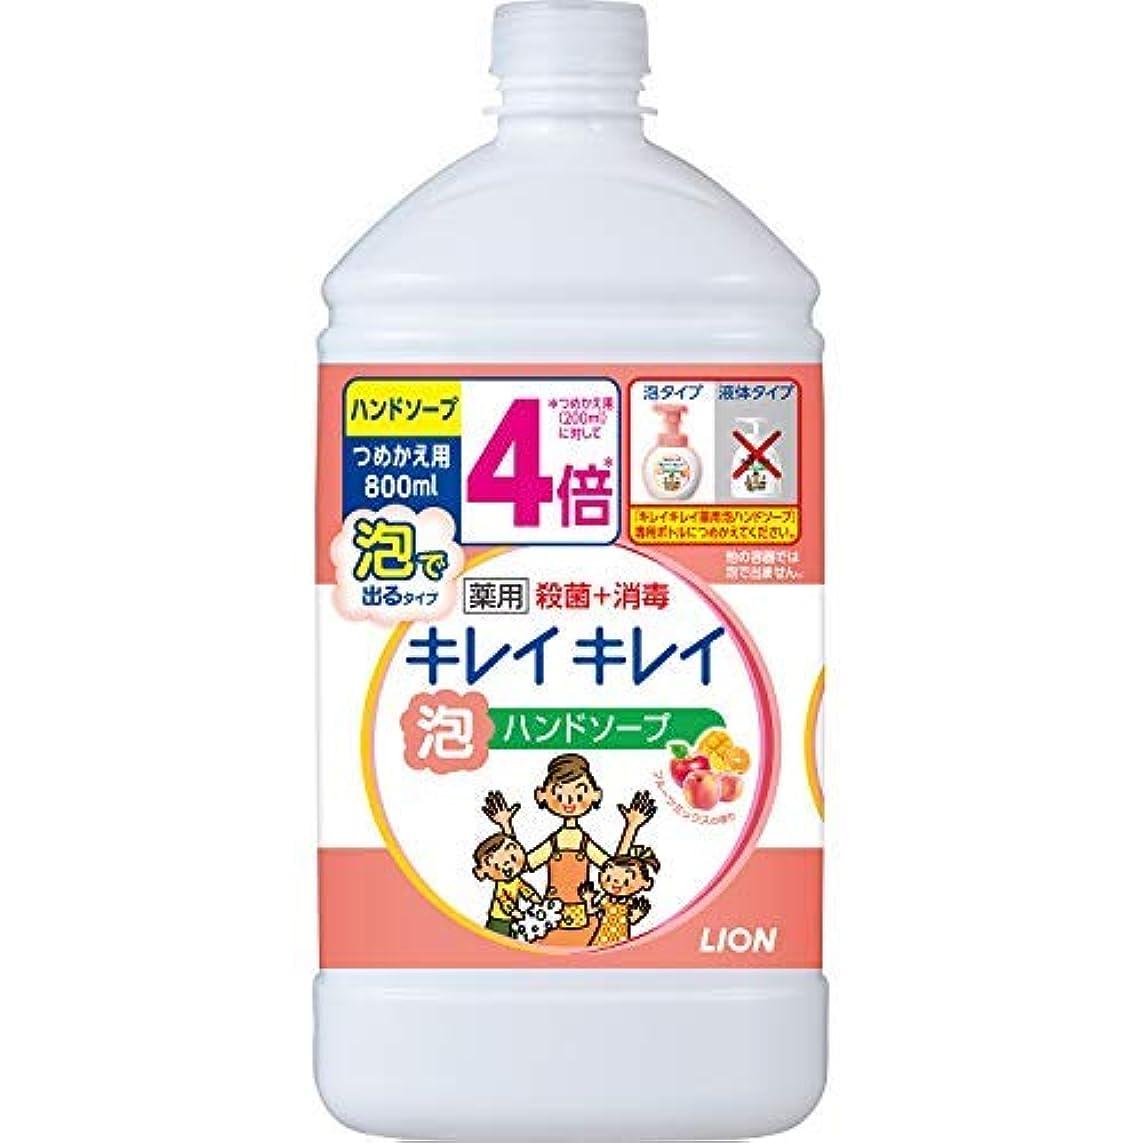 伝染性の変数等価キレイキレイ 薬用泡ハンドソープ つめかえ用特大サイズ フルーツミックス × 2個セット